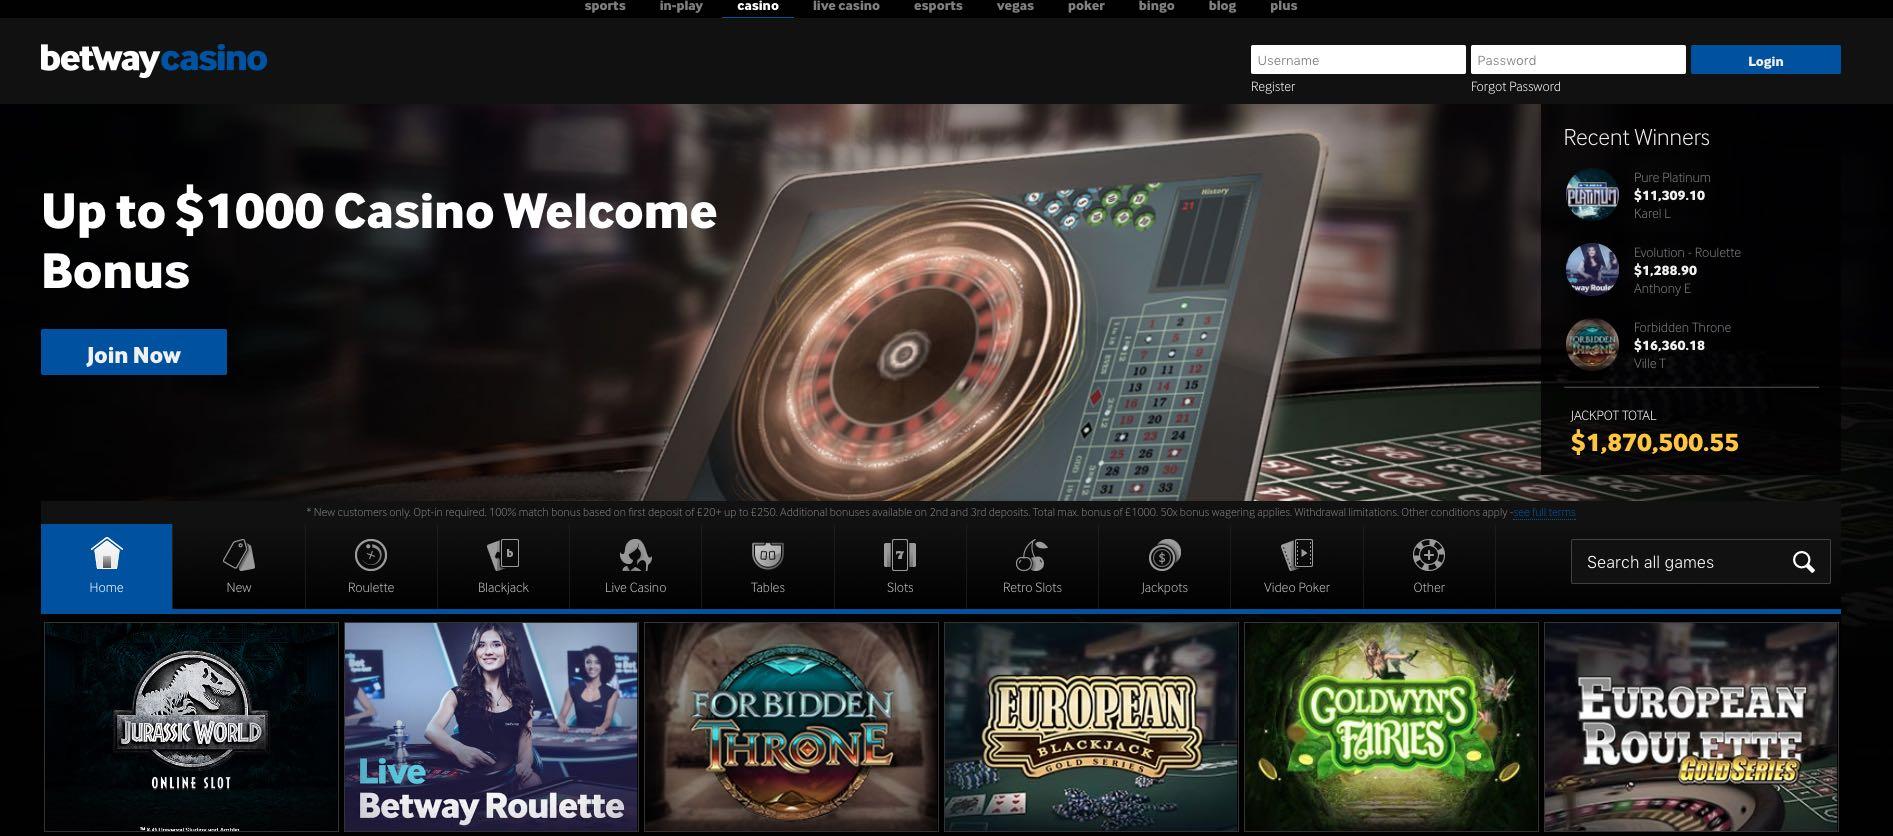 Betway casino blog Espanha 435193